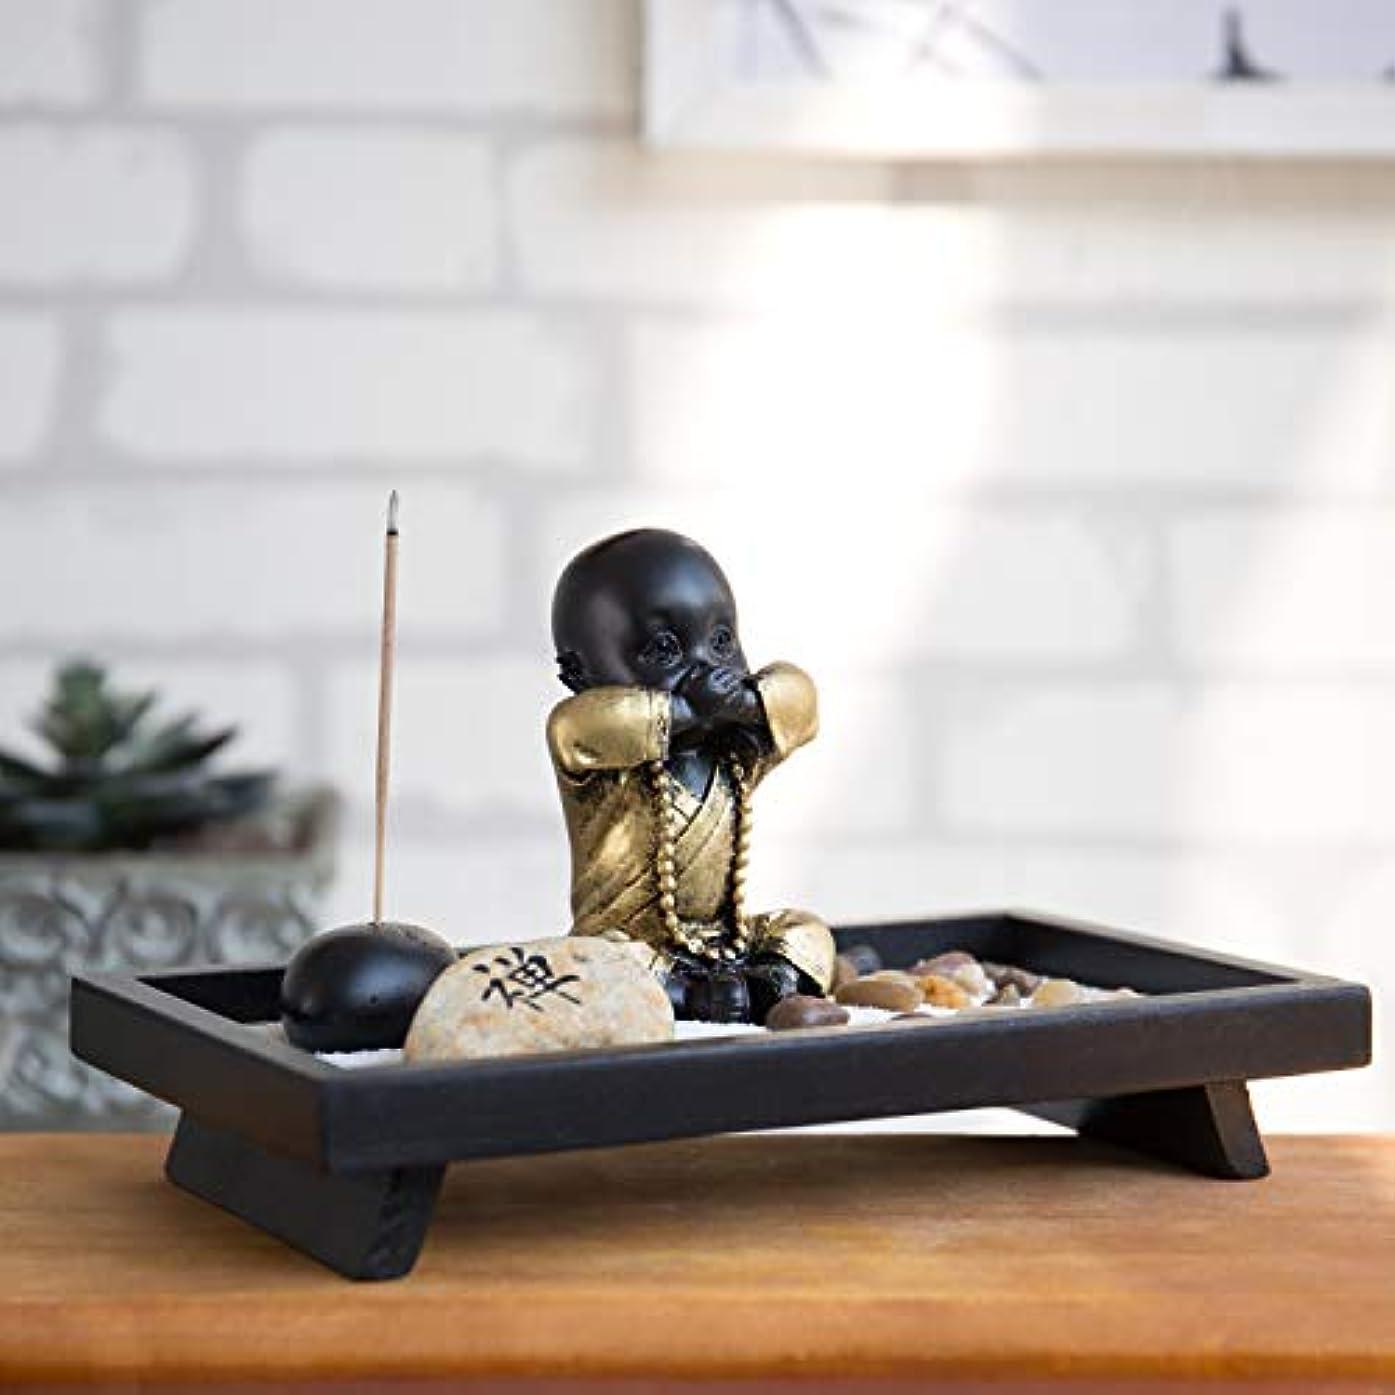 パン屋候補者退屈MyGift 仏像とお香立て付き卓上禅の庭